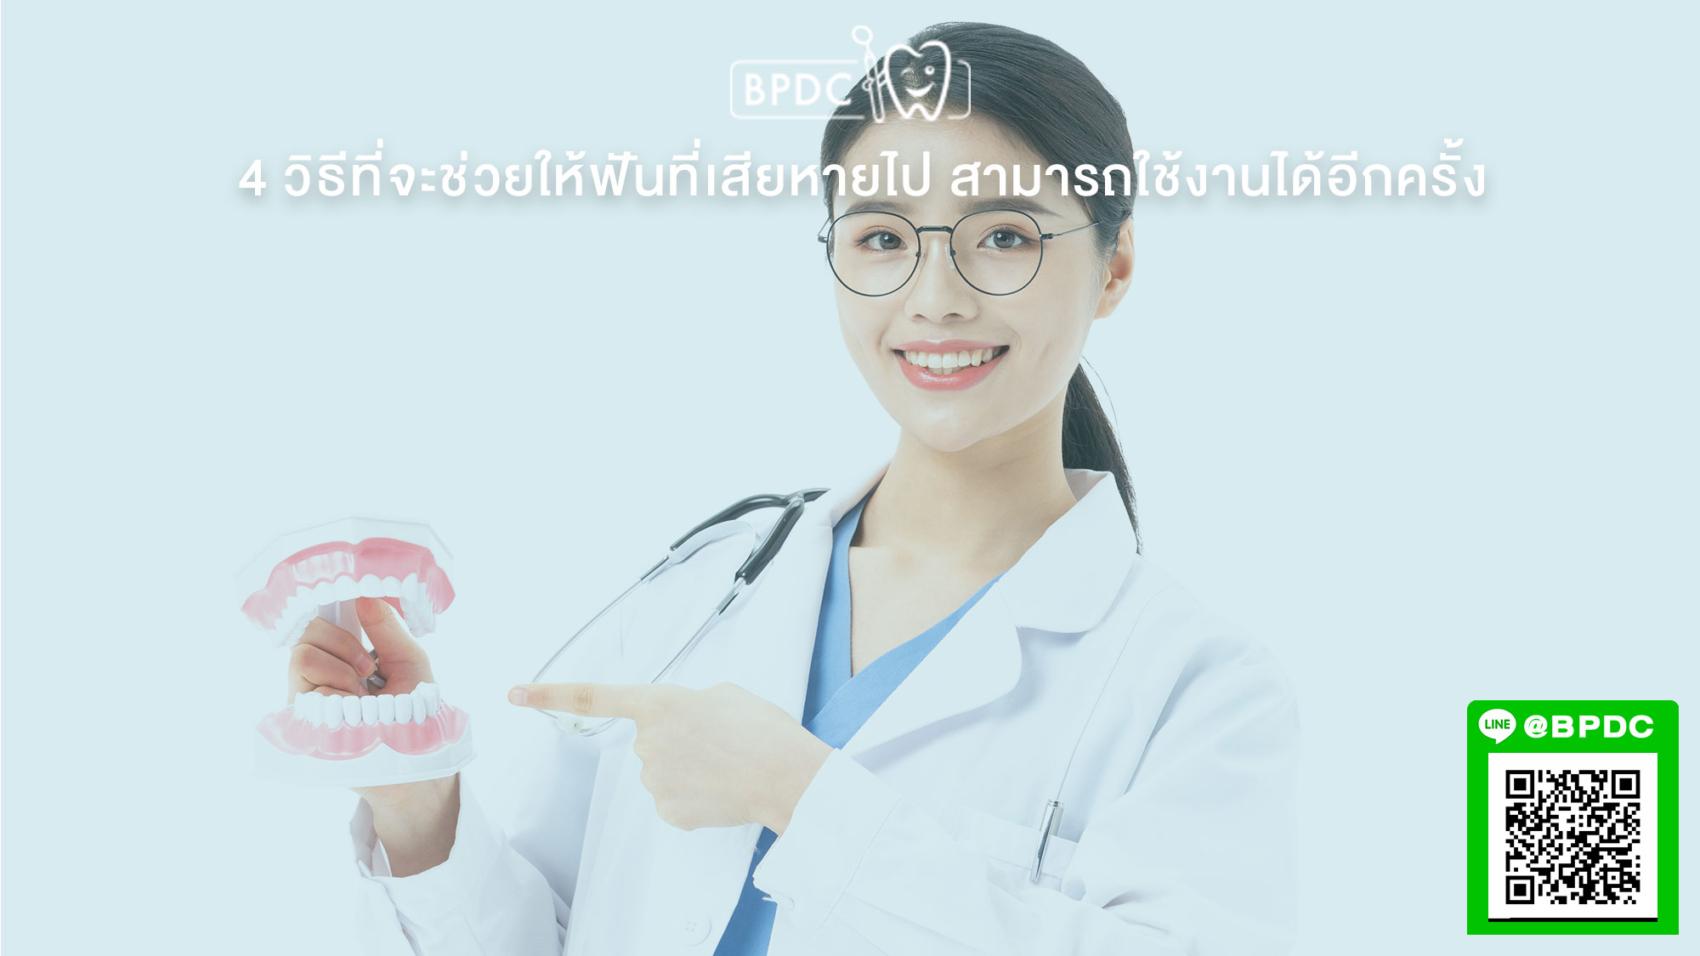 4 วิธีที่จะช่วยให้ฟันที่เสียหายไป สามารถใช้งานได้อีกครั้ง